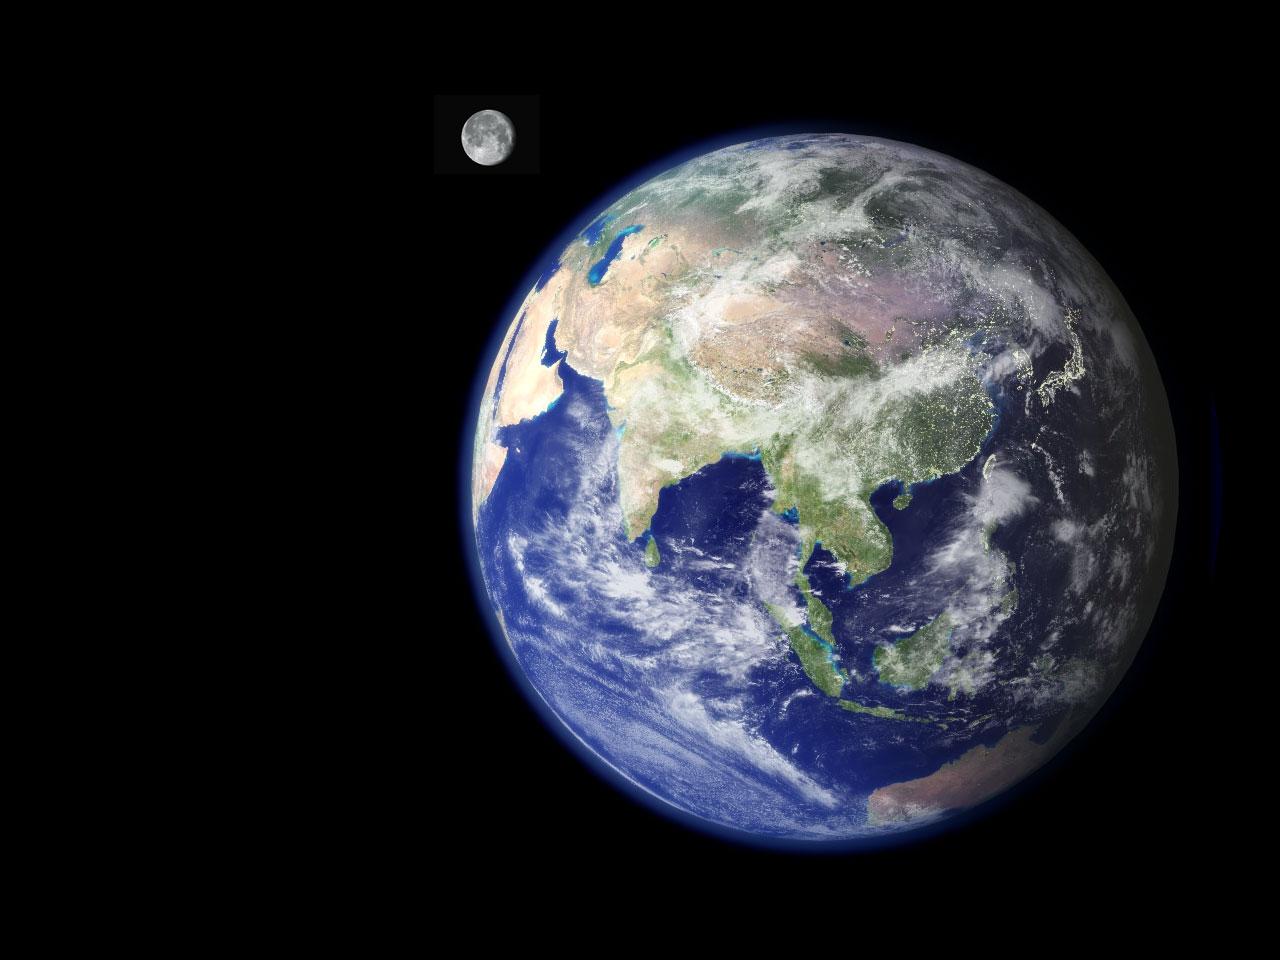 Salvare il mondo contro l'inquinamento: ecco cosa puoi fare da subito